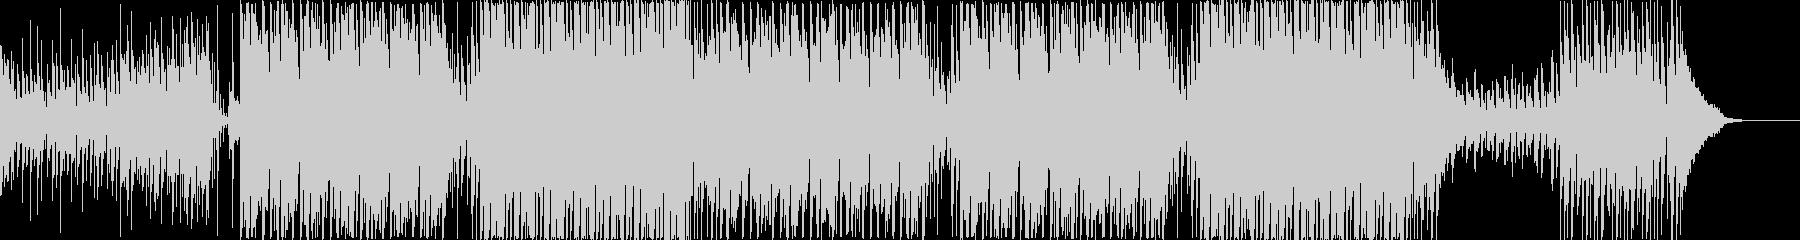 トロピカルで明るいさわやかEDMの未再生の波形